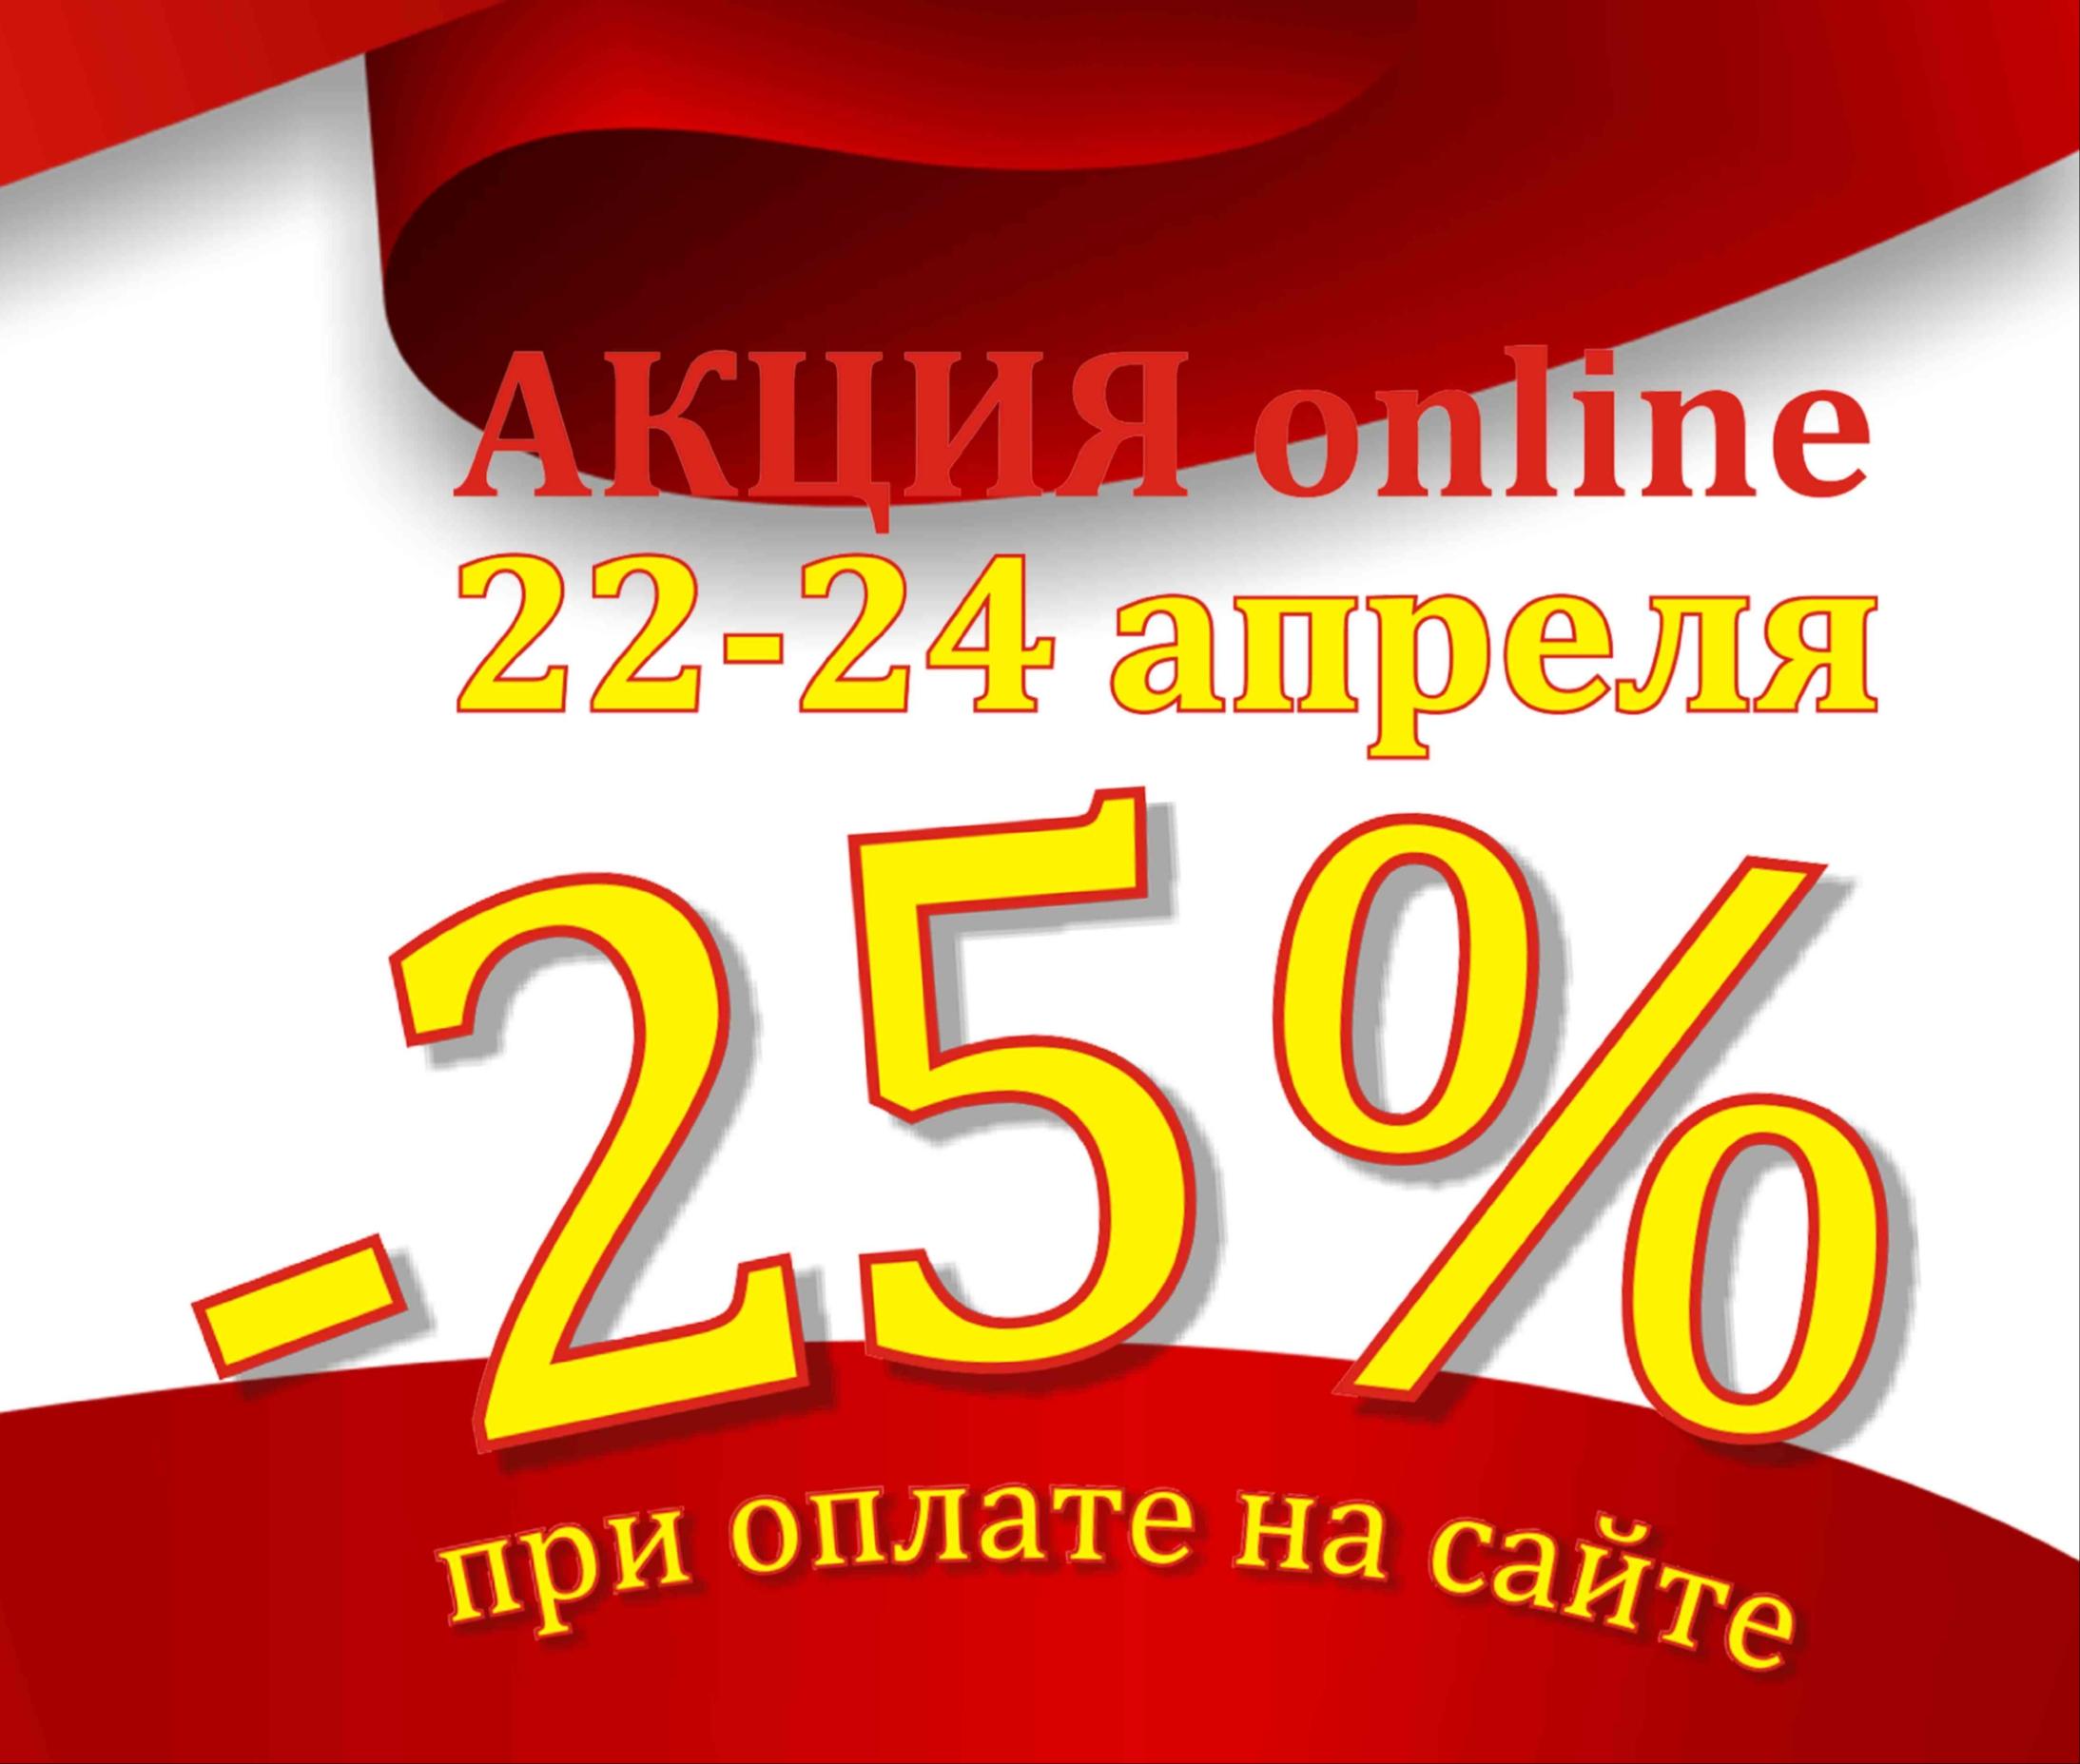 c51535d9a5d9e Акция online: Скидка 25% при оплате на сайте | интернет магазин ...